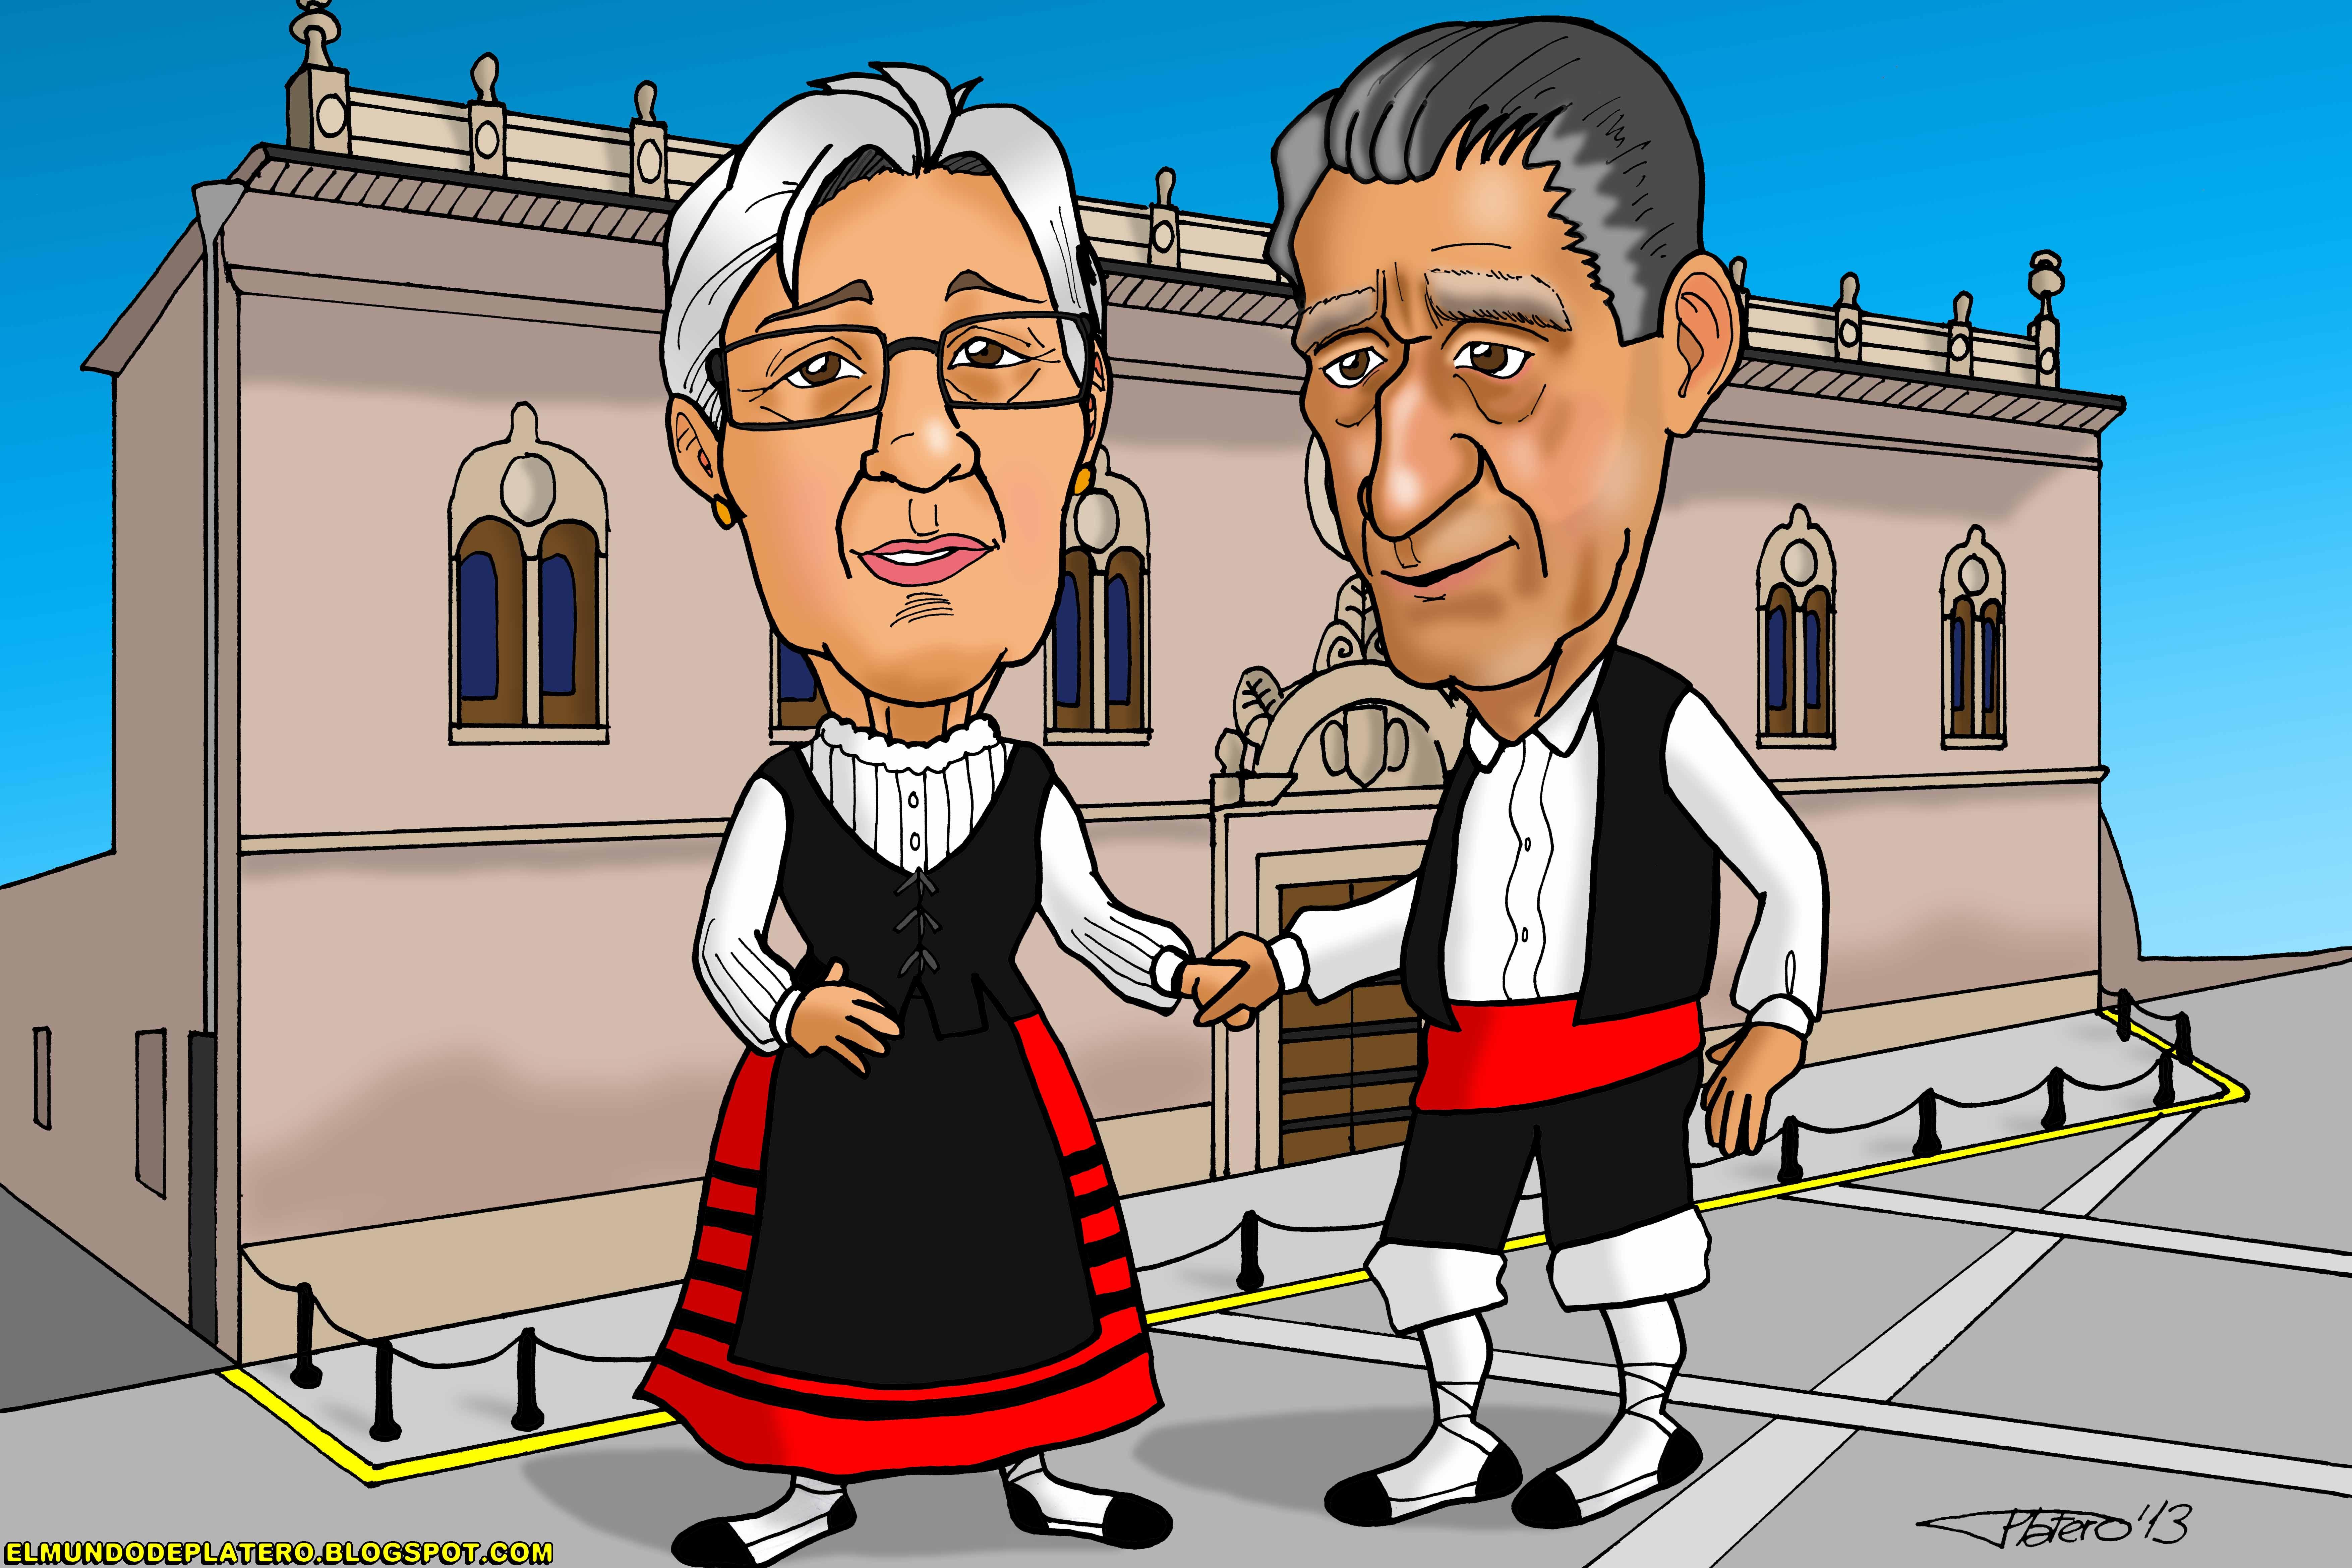 caricaturas a color por encargo personalizadas_maños_elmundodeplatero_josé luis